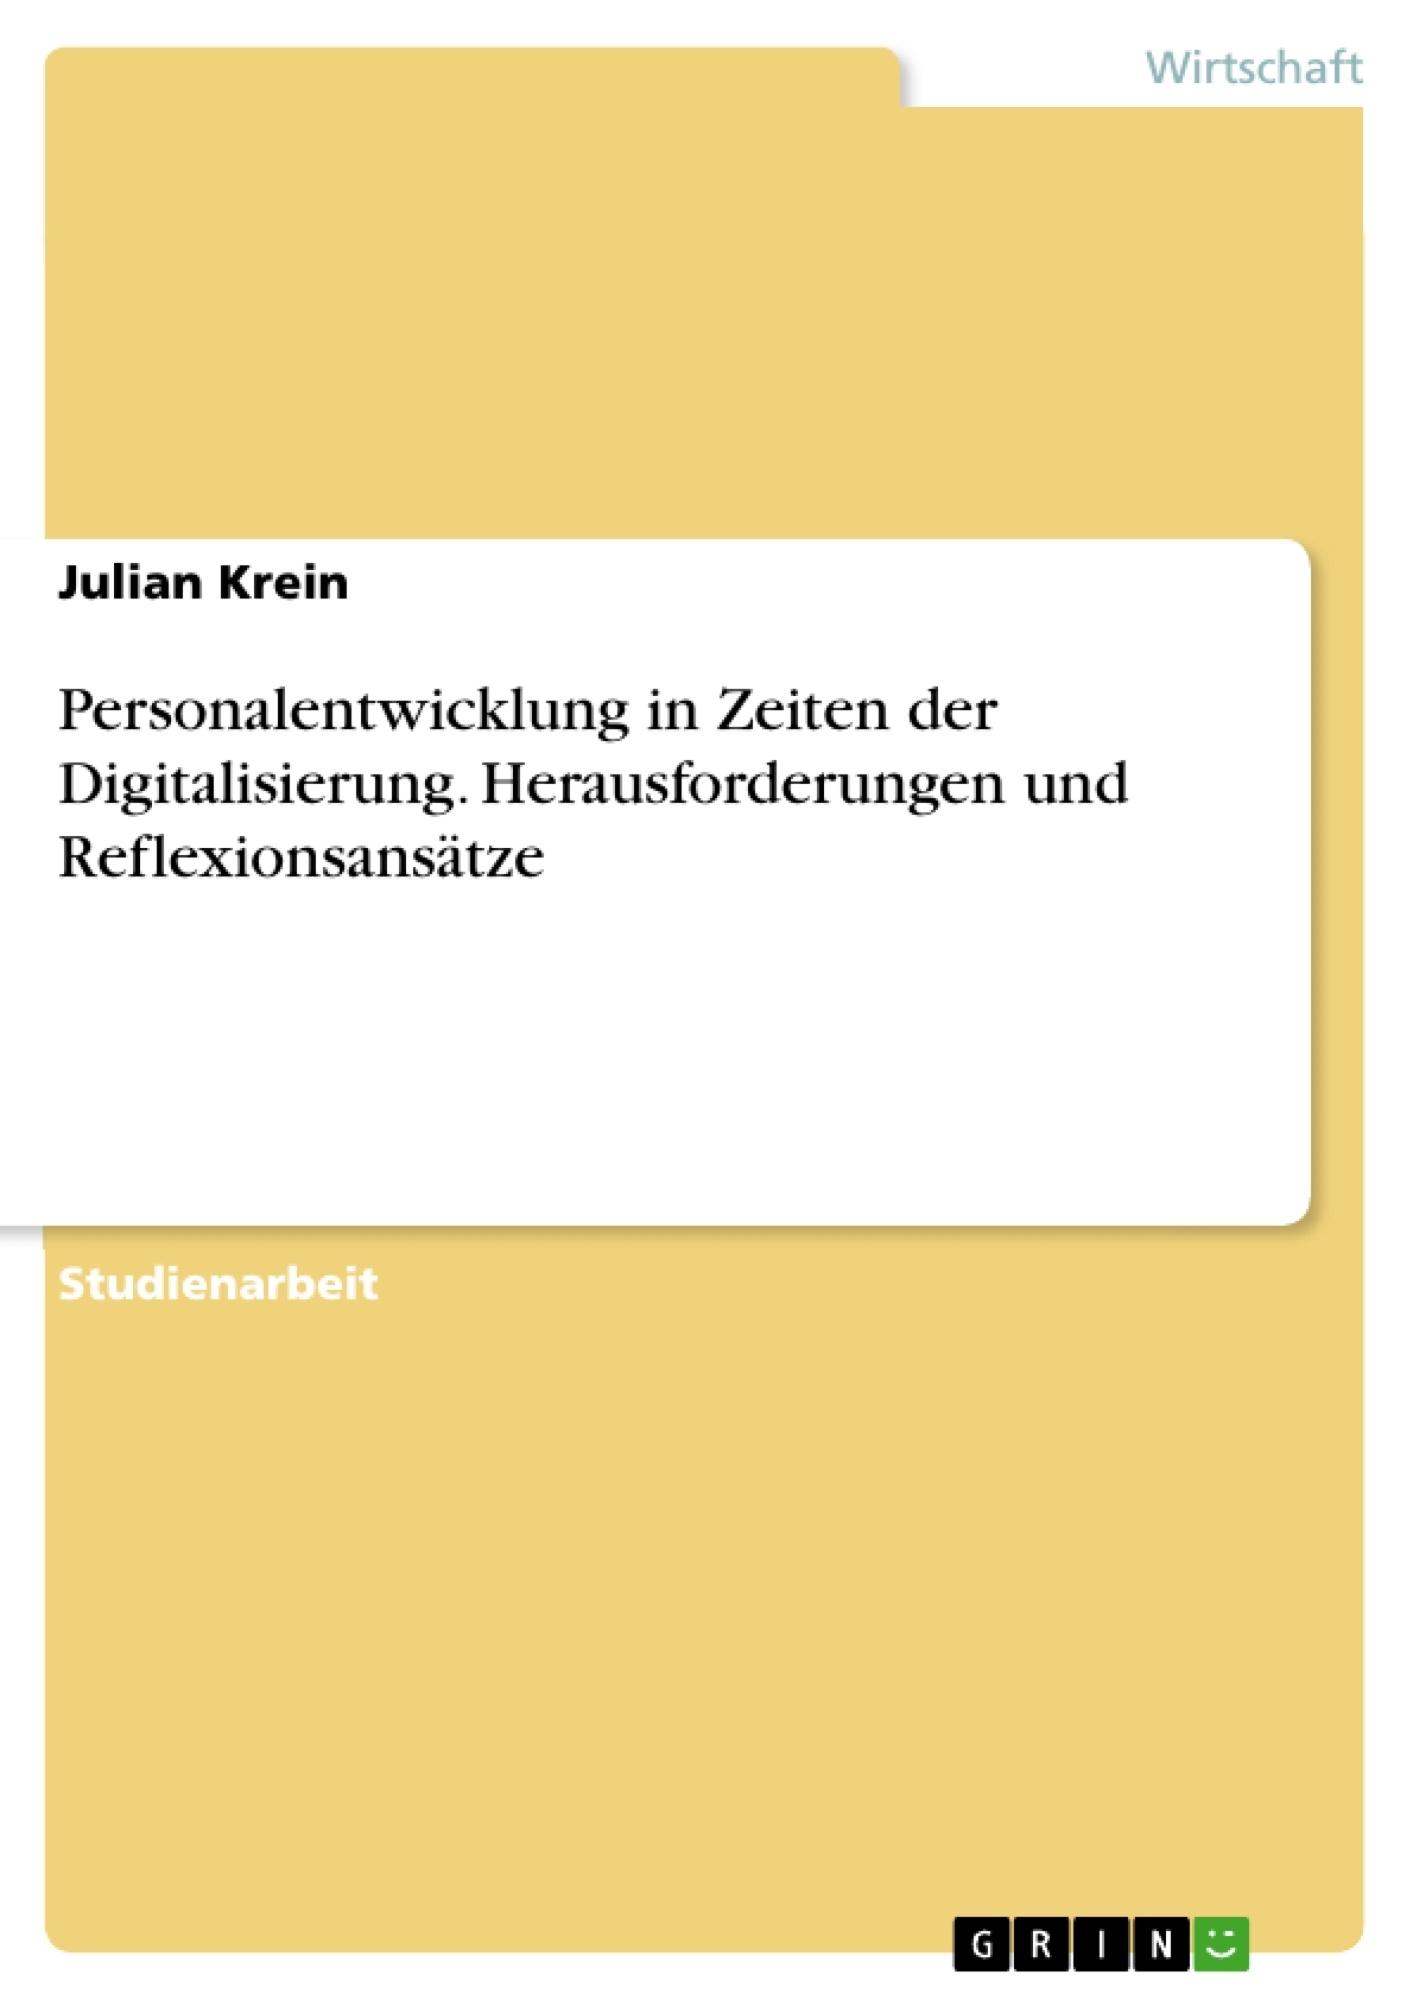 Titel: Personalentwicklung in Zeiten der Digitalisierung. Herausforderungen und Reflexionsansätze